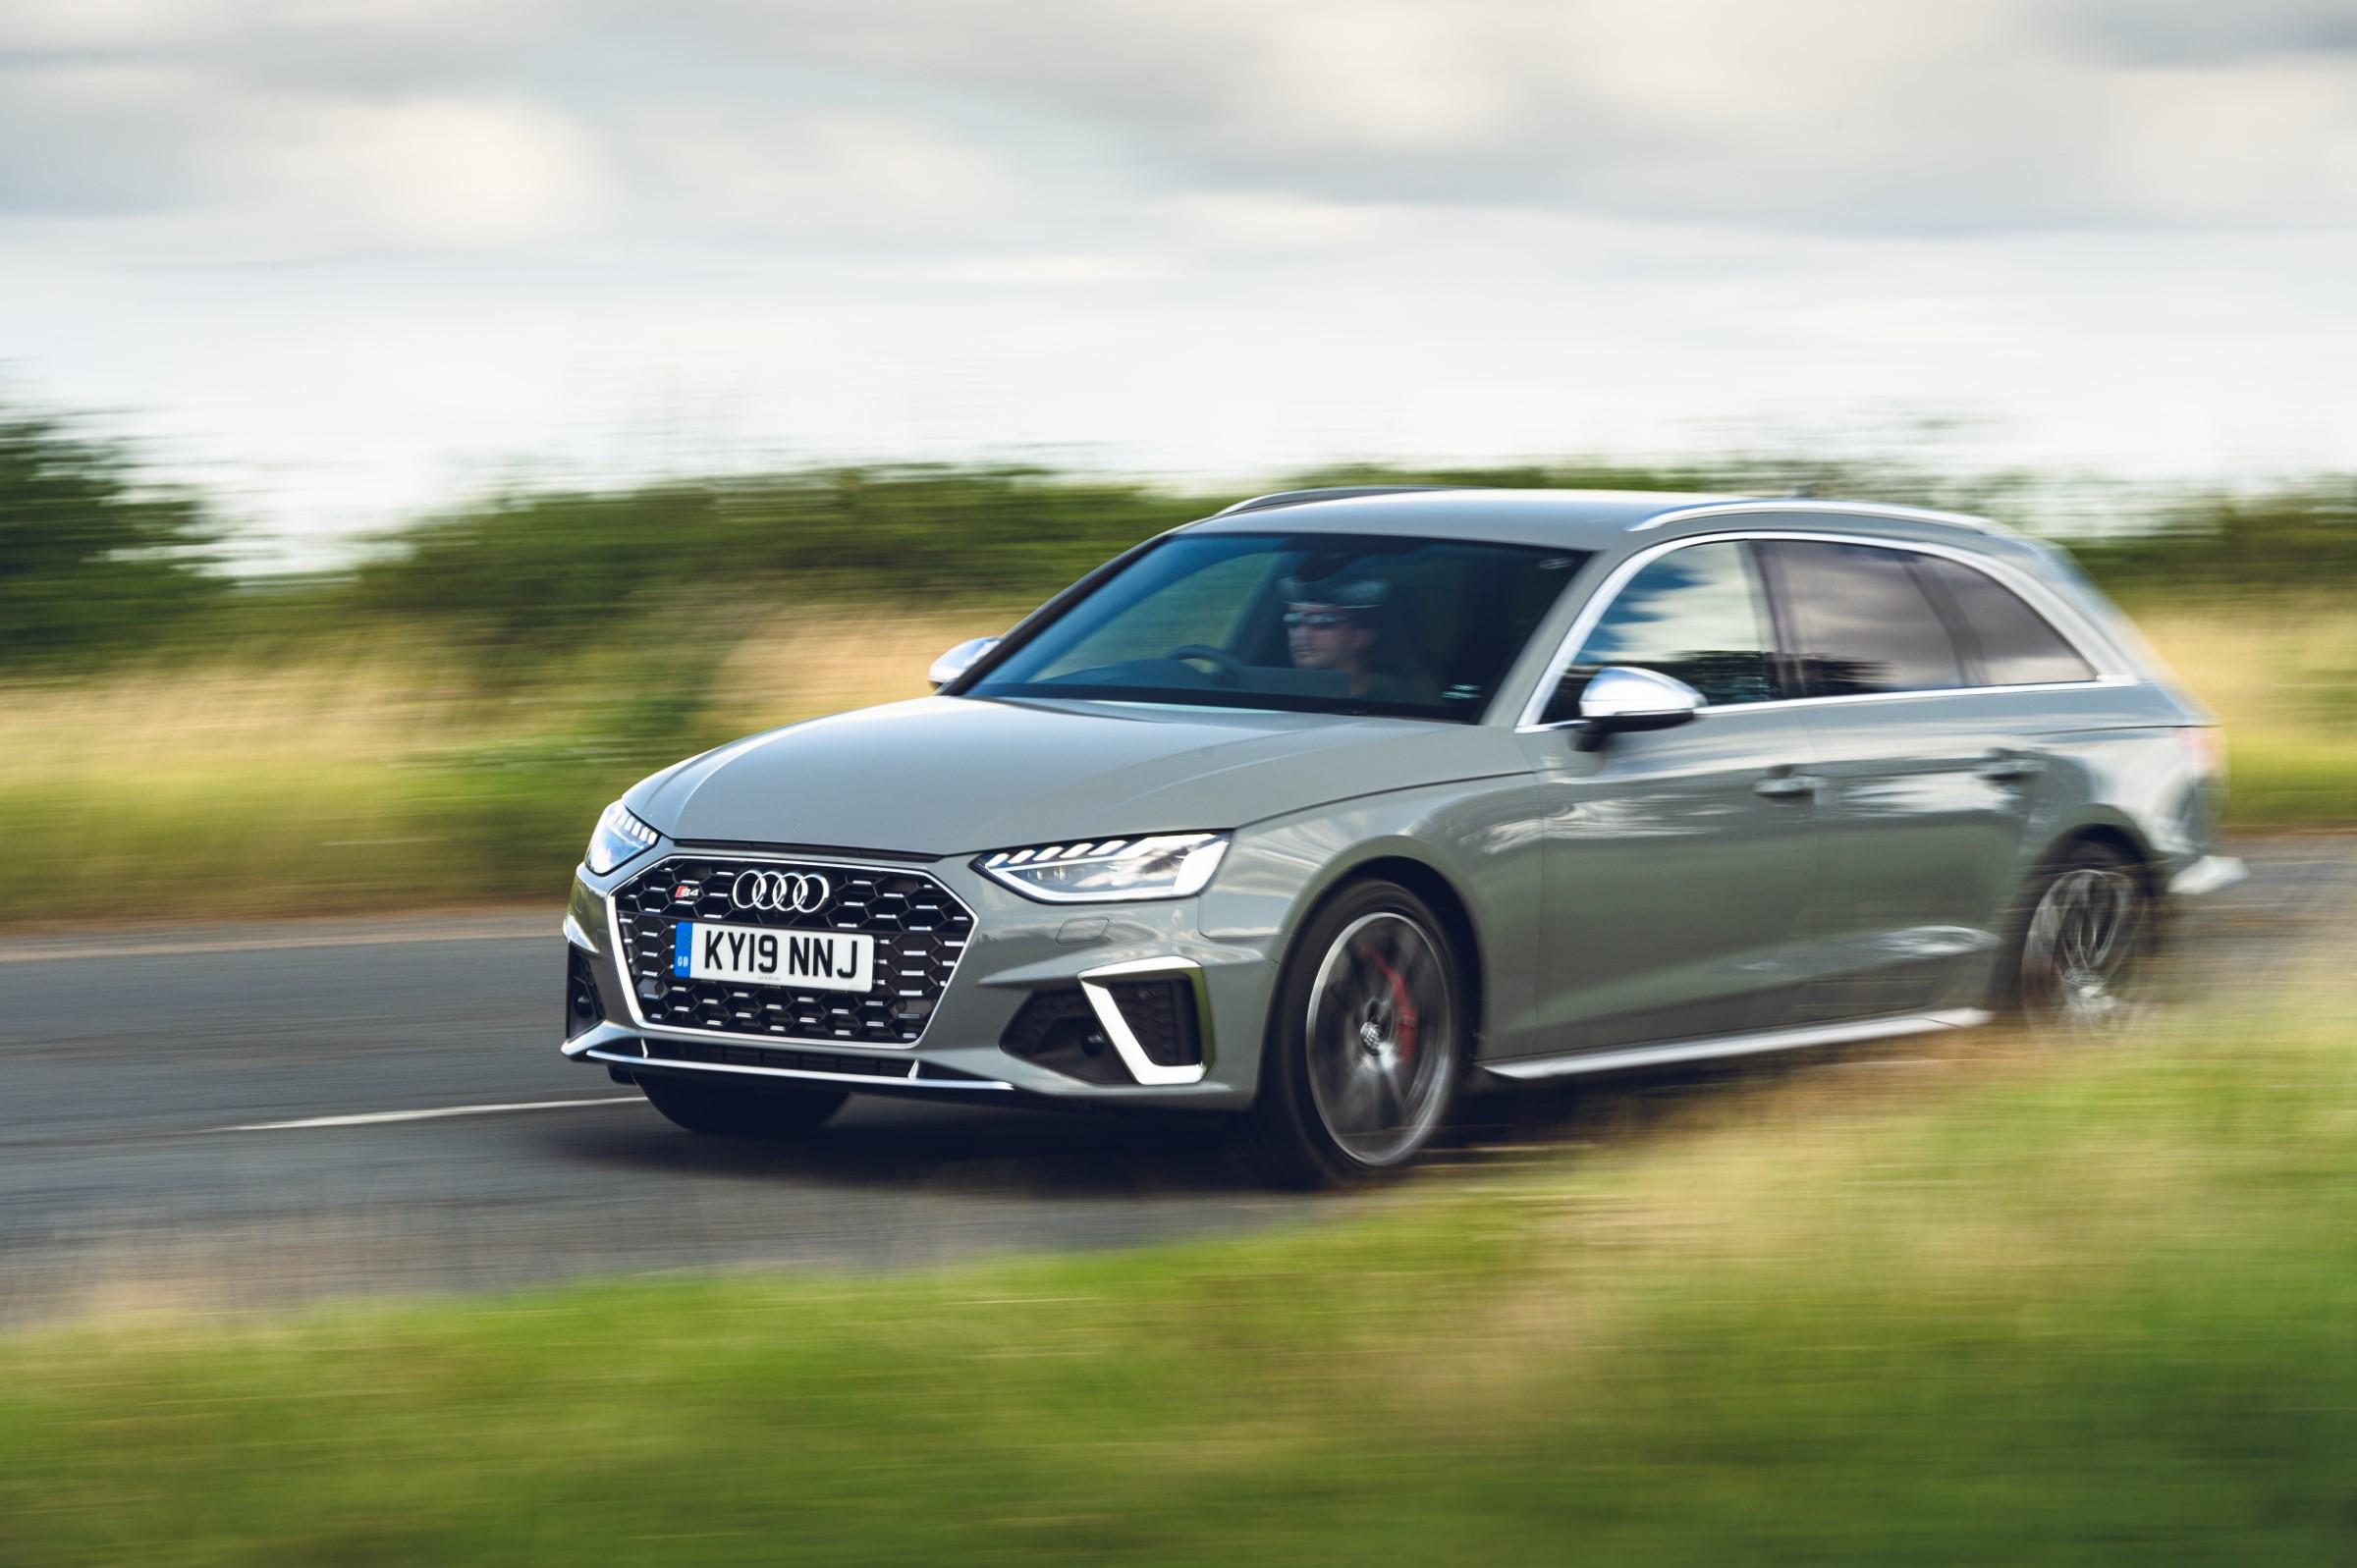 Kekurangan Audi S4 2019 Top Model Tahun Ini